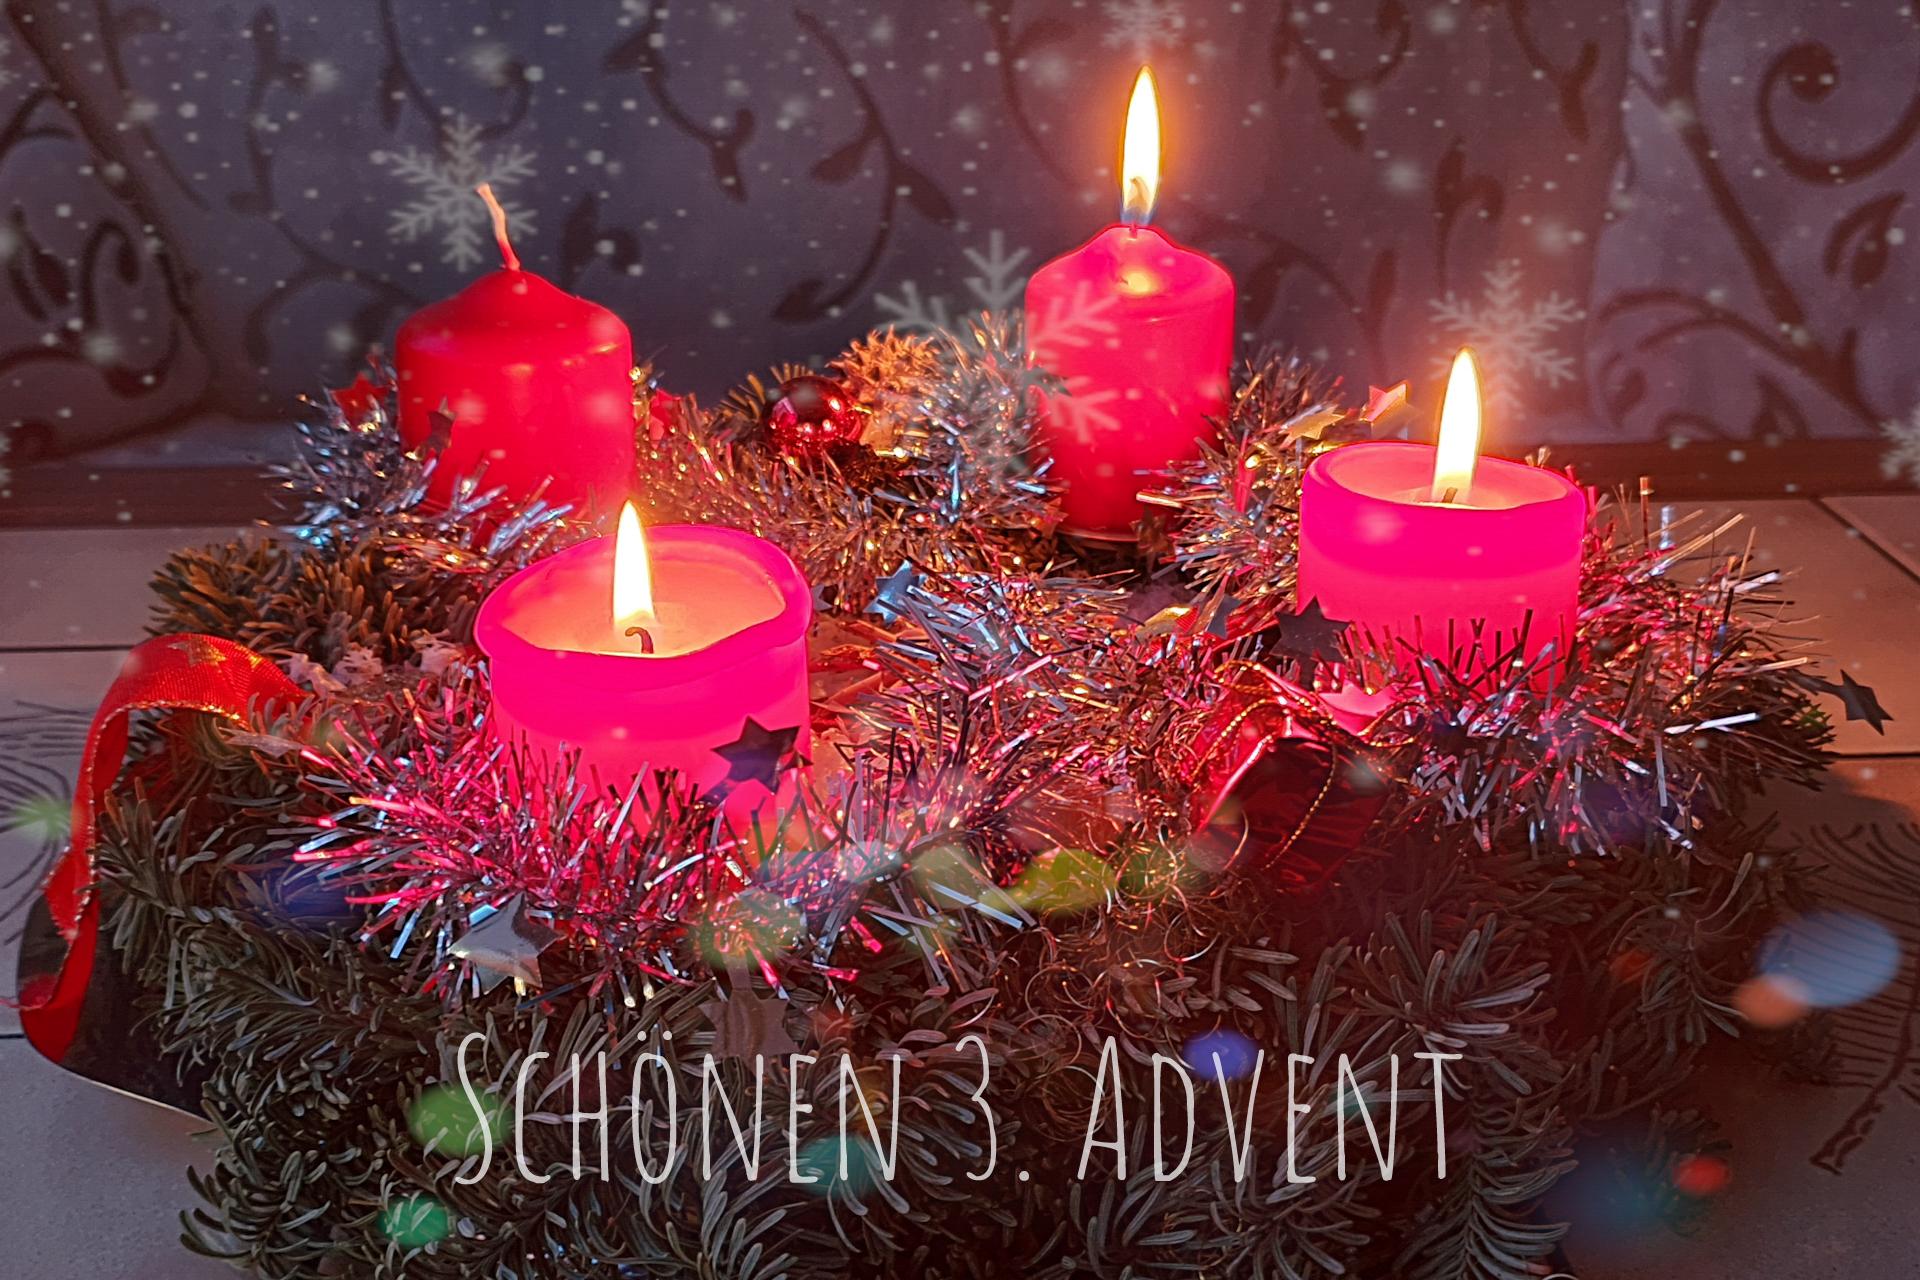 Ich wünsche einen schönen 3. Advent.